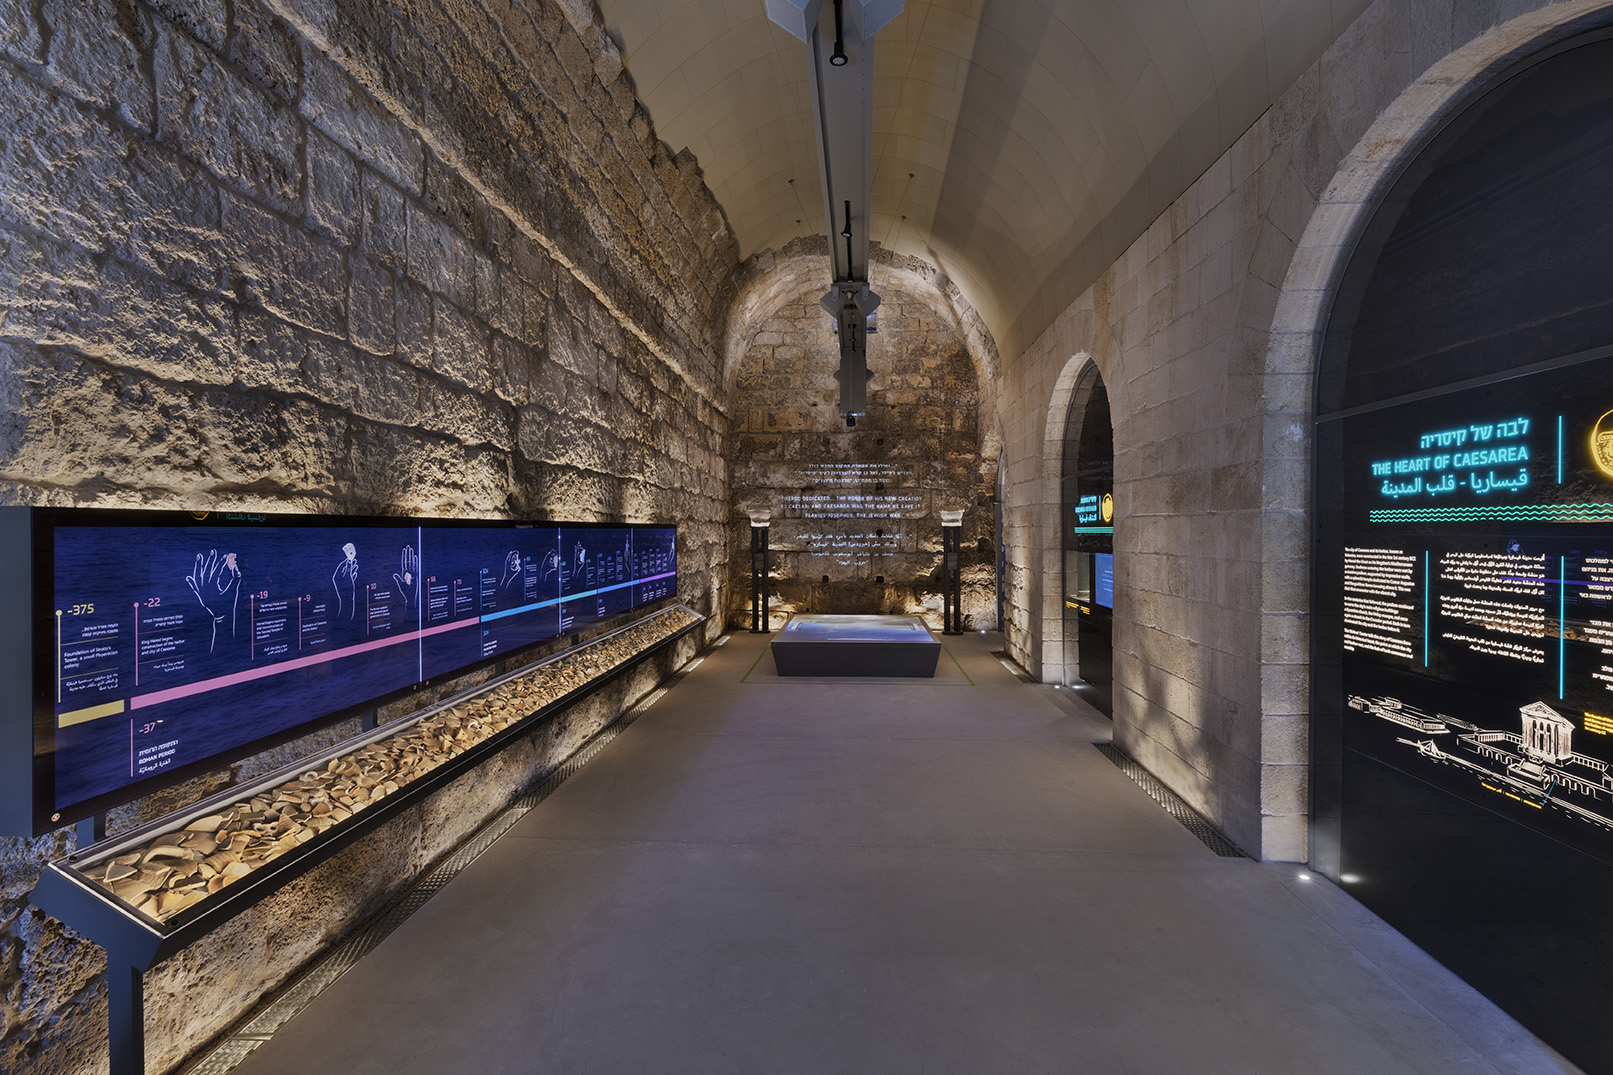 Apertura del Centro de Visitantes en el Parque Nacional de Cesarea tras la restauración de los arcos